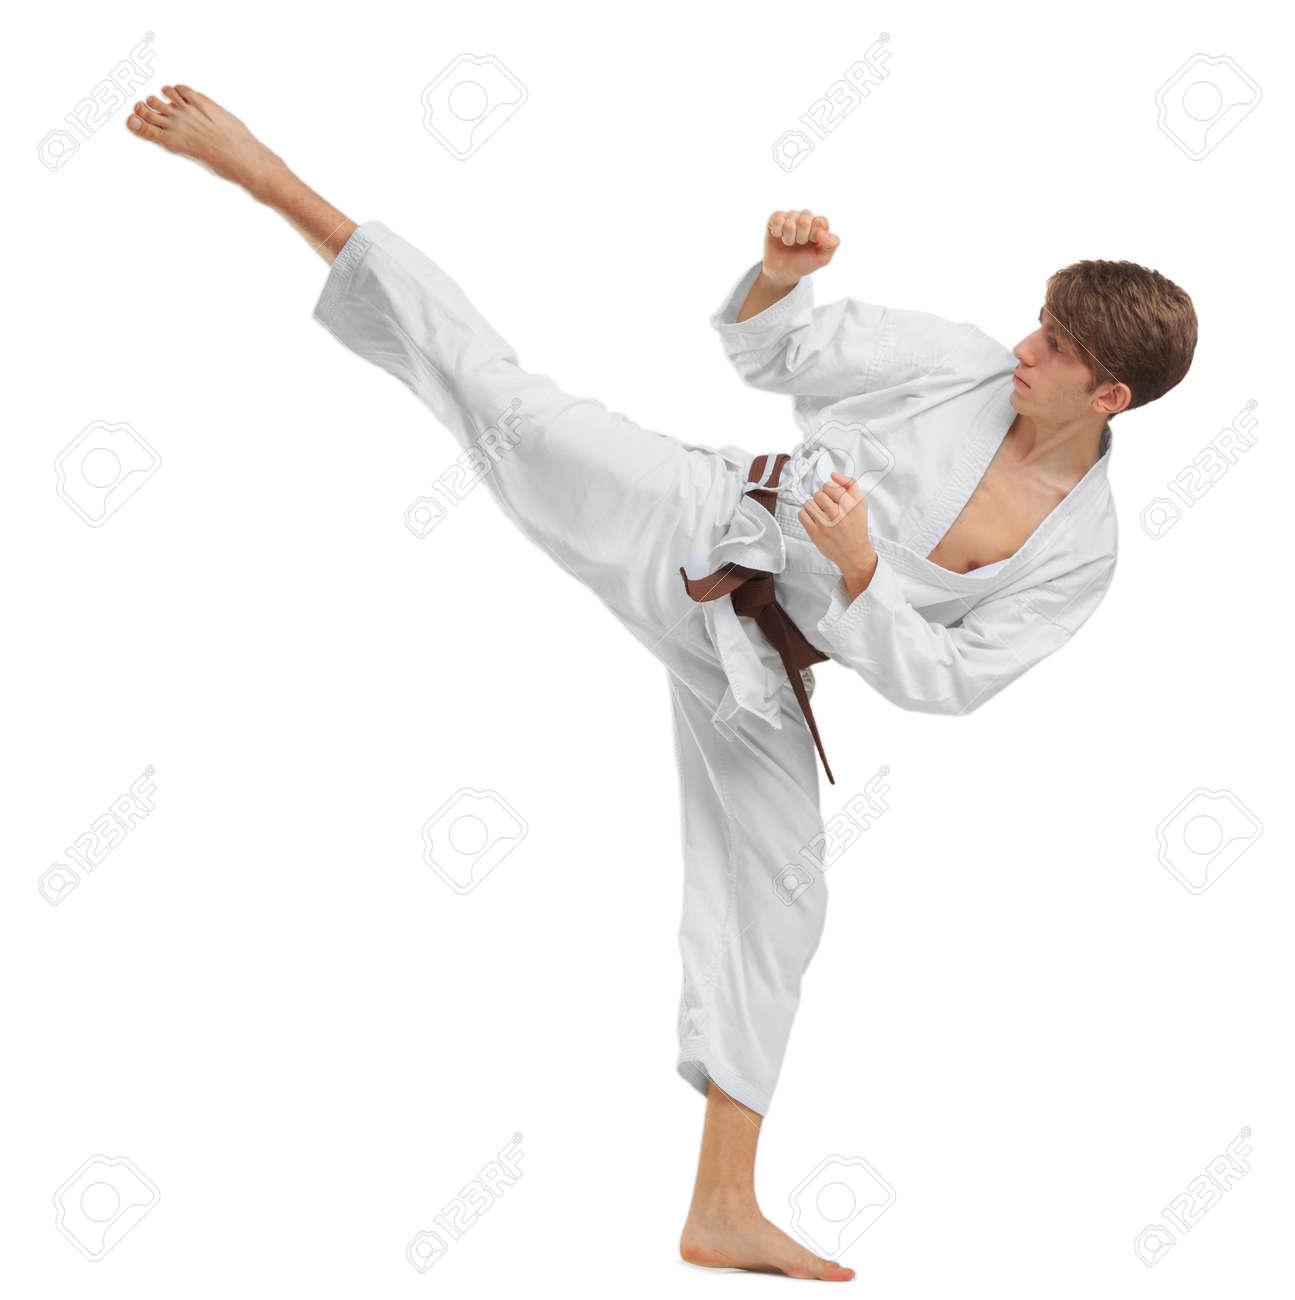 dd8f5ceb532a Banque d images - Karaté jeune homme avec ceinture marron sur fond isolé  blanc